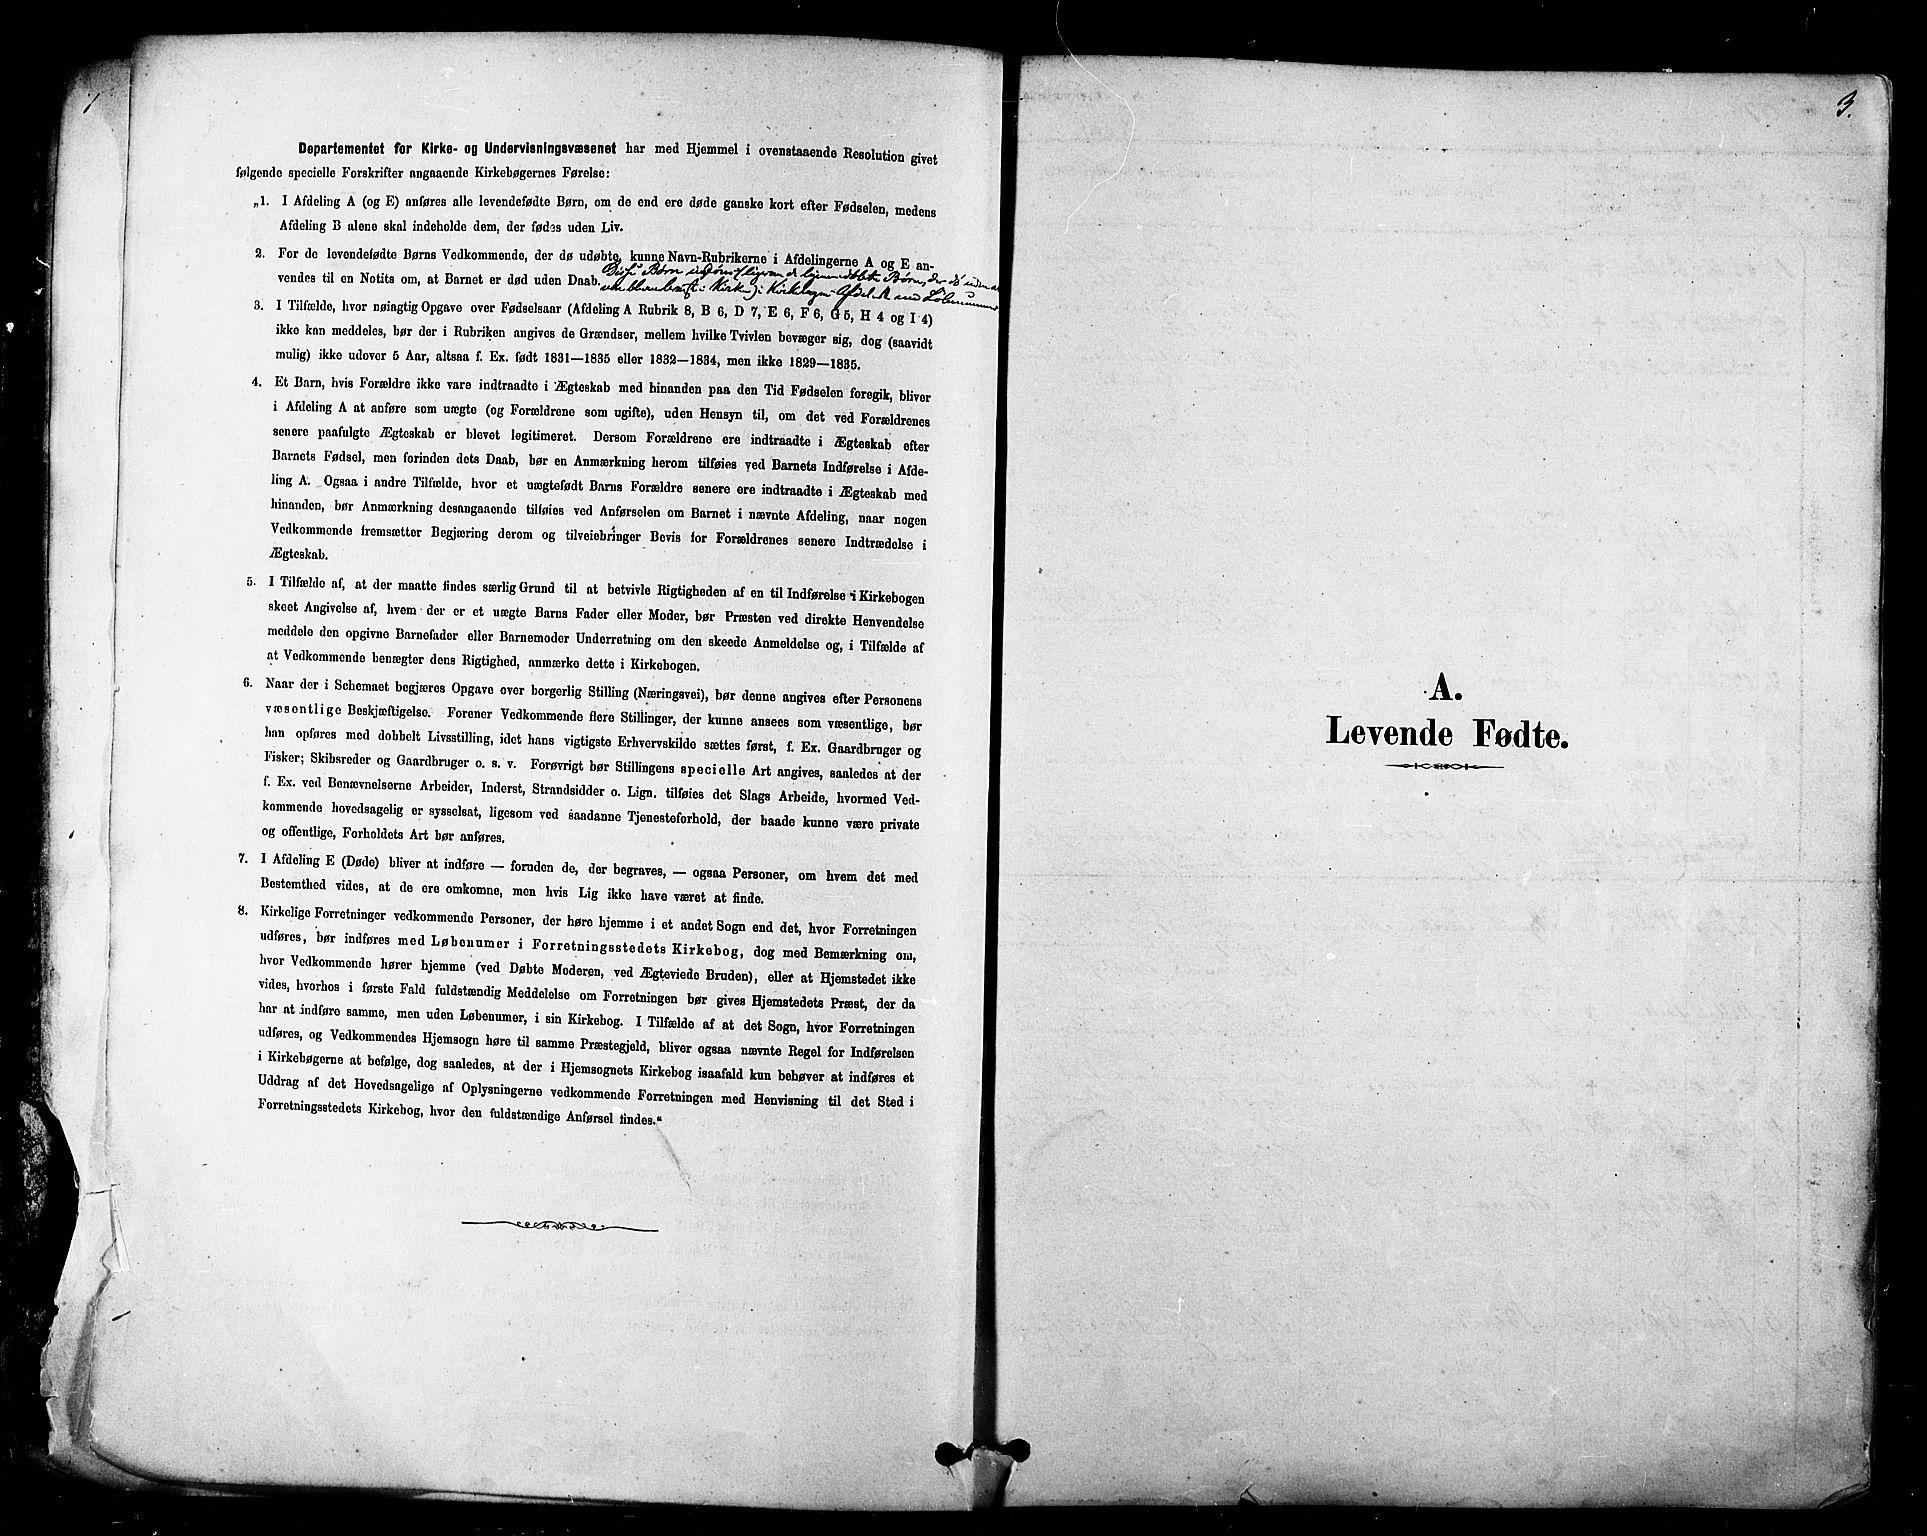 SATØ, Tana sokneprestkontor, H/Ha/L0004kirke: Ministerialbok nr. 4, 1878-1891, s. 3